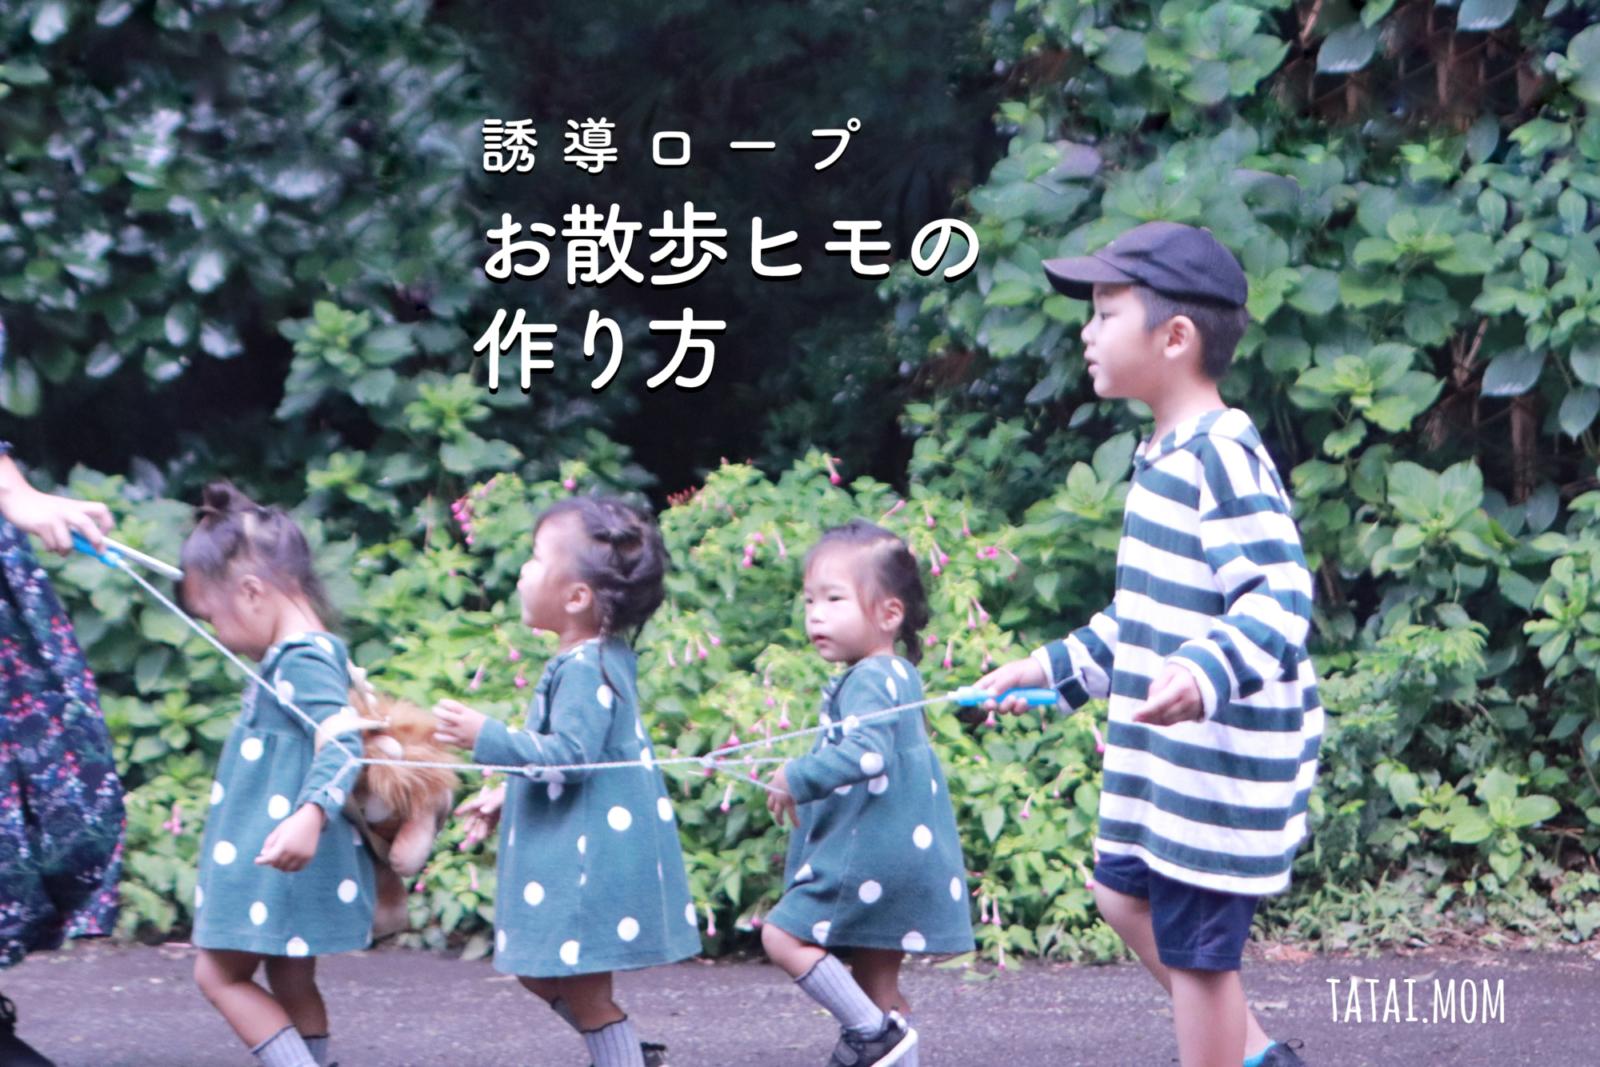 双子 三つ子 散歩 誘導ロープ・お散歩ひもの作り方